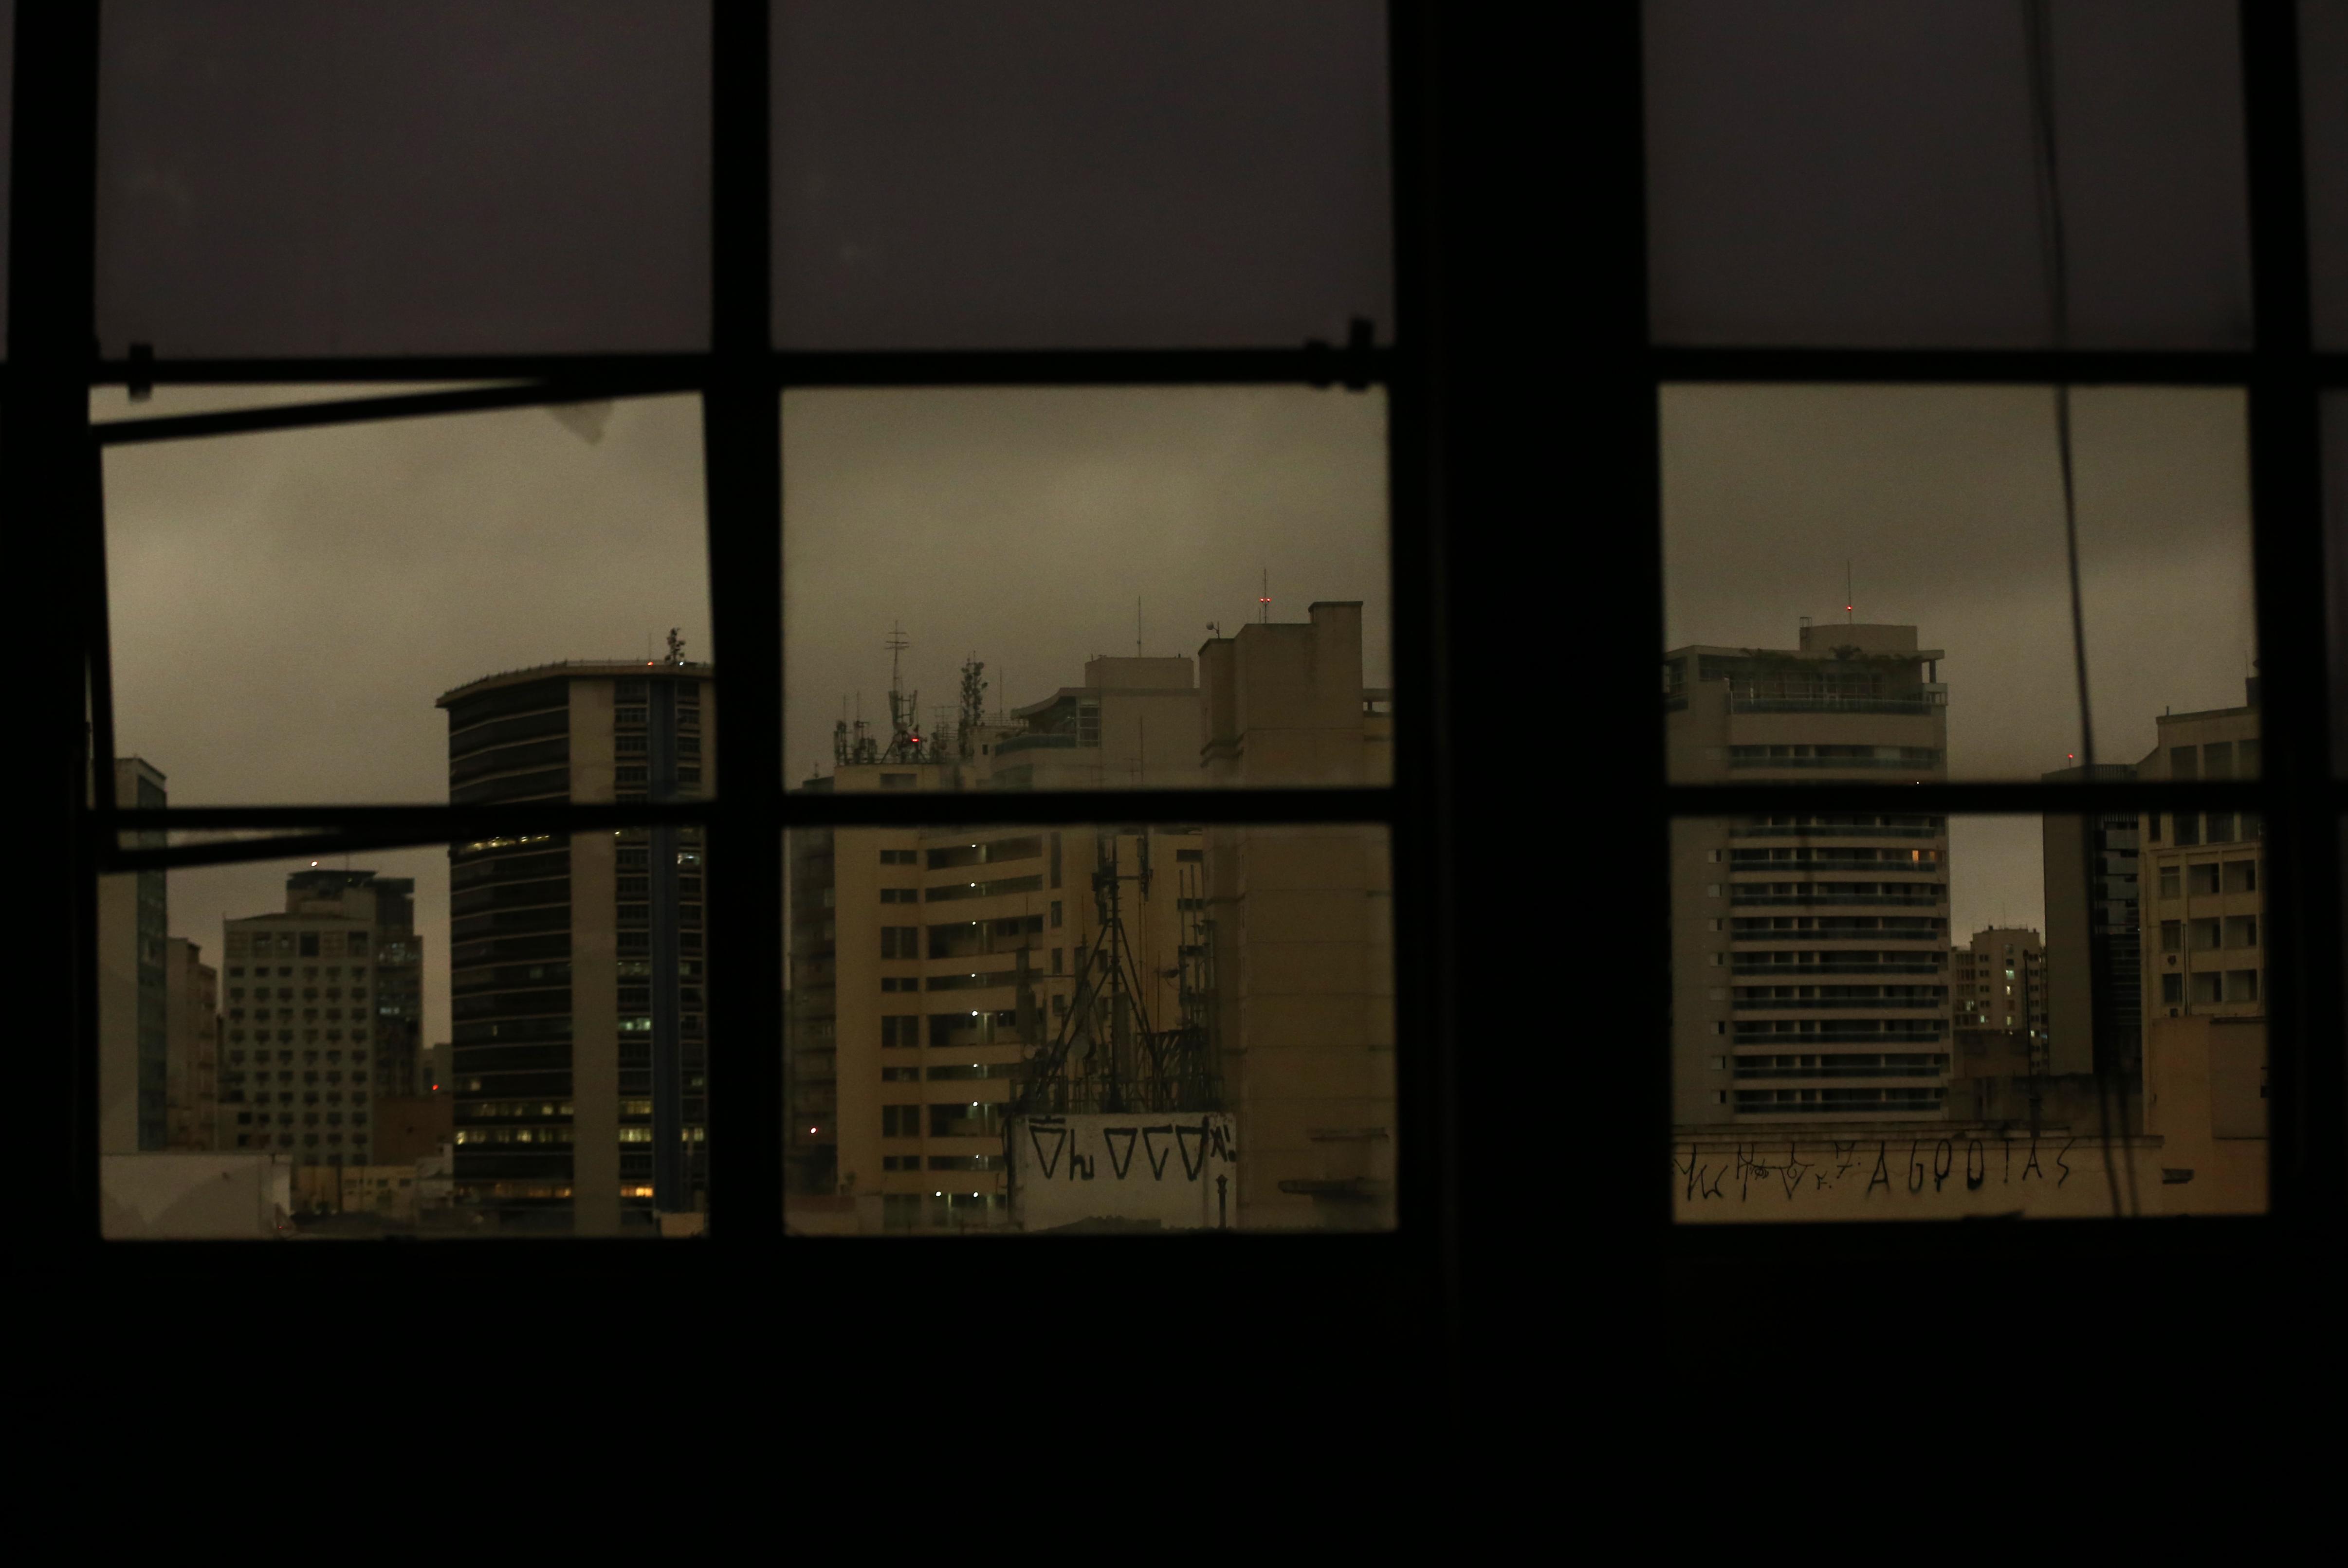 SÃO PAULO, SP, 19.08.2019 ? CLIMA-SP: Céu escuro durante dia frio na região de Campos Eliseos, na Santa Cecília, em São Paulo, nesta segunda-feira (19). (Foto: Otávio Valle/Folhapress)